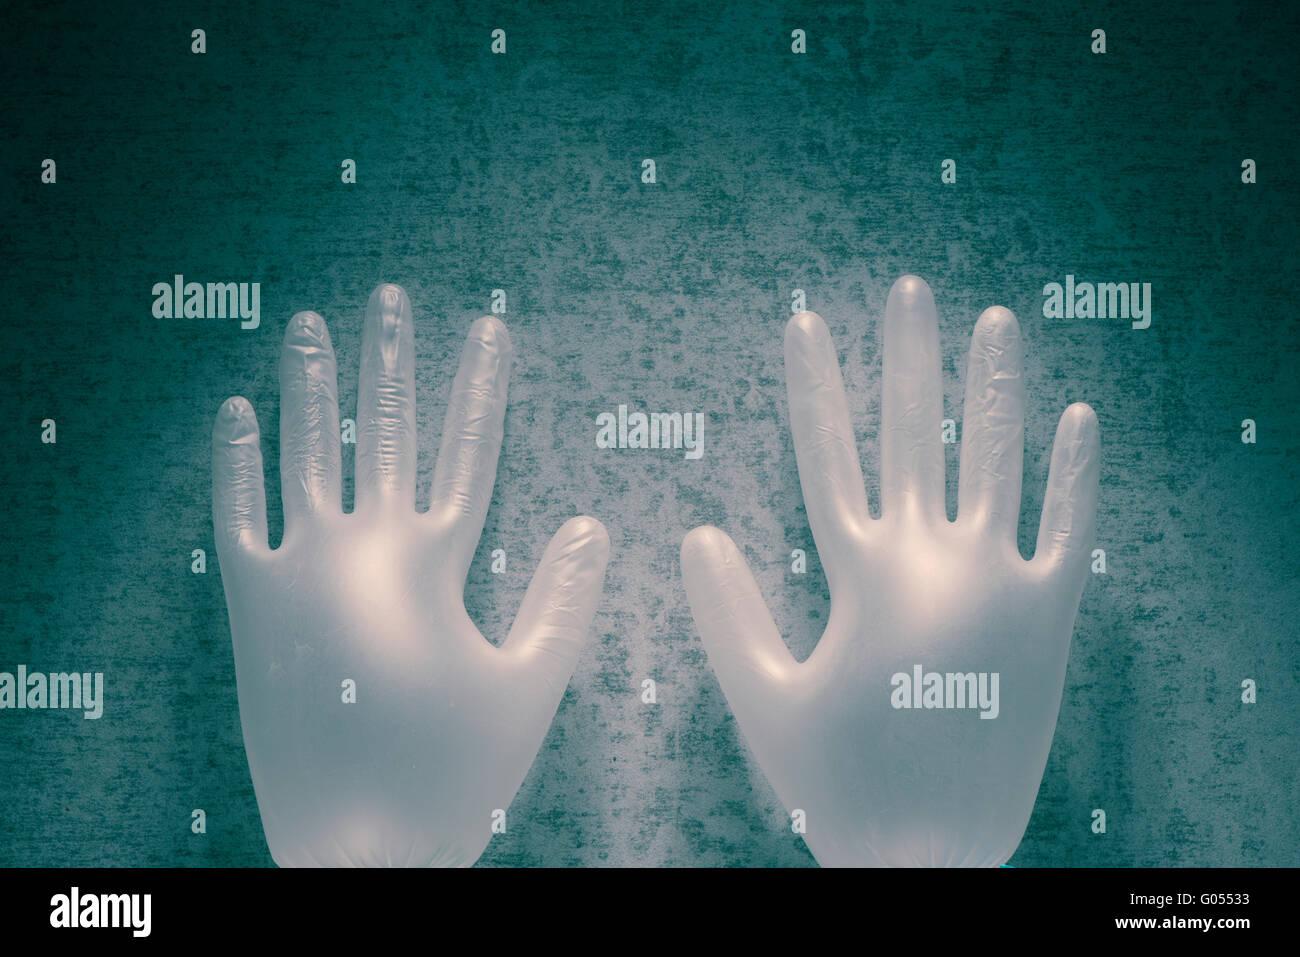 Latex-Handschuhe und Stein Hintergrund. Stillleben und Symbol der Hände in Gesundheitsberufen. Schützende Stockbild